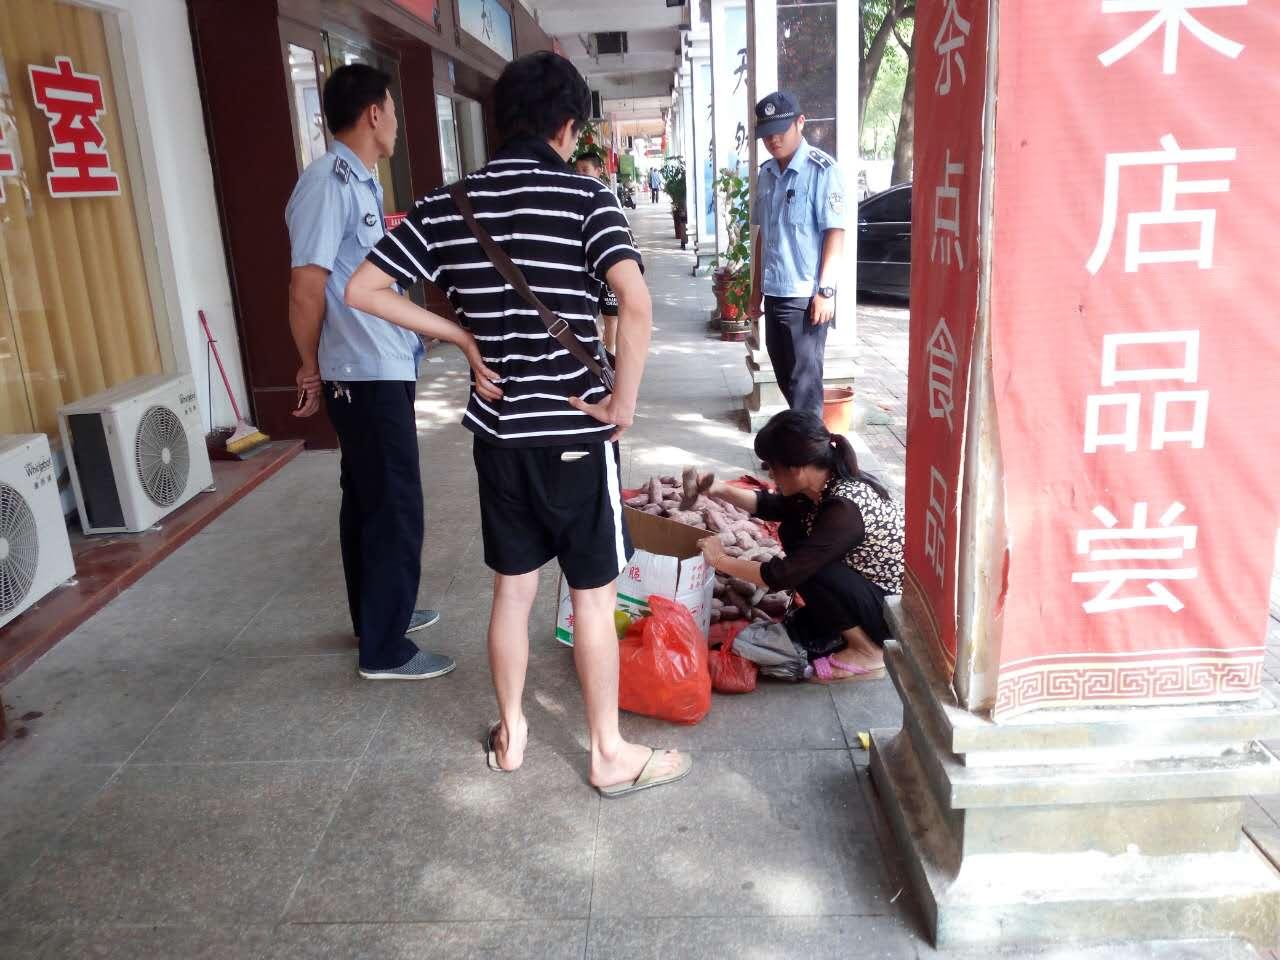 城东社区联合城管对华山市场周边开展占道经营整治行动